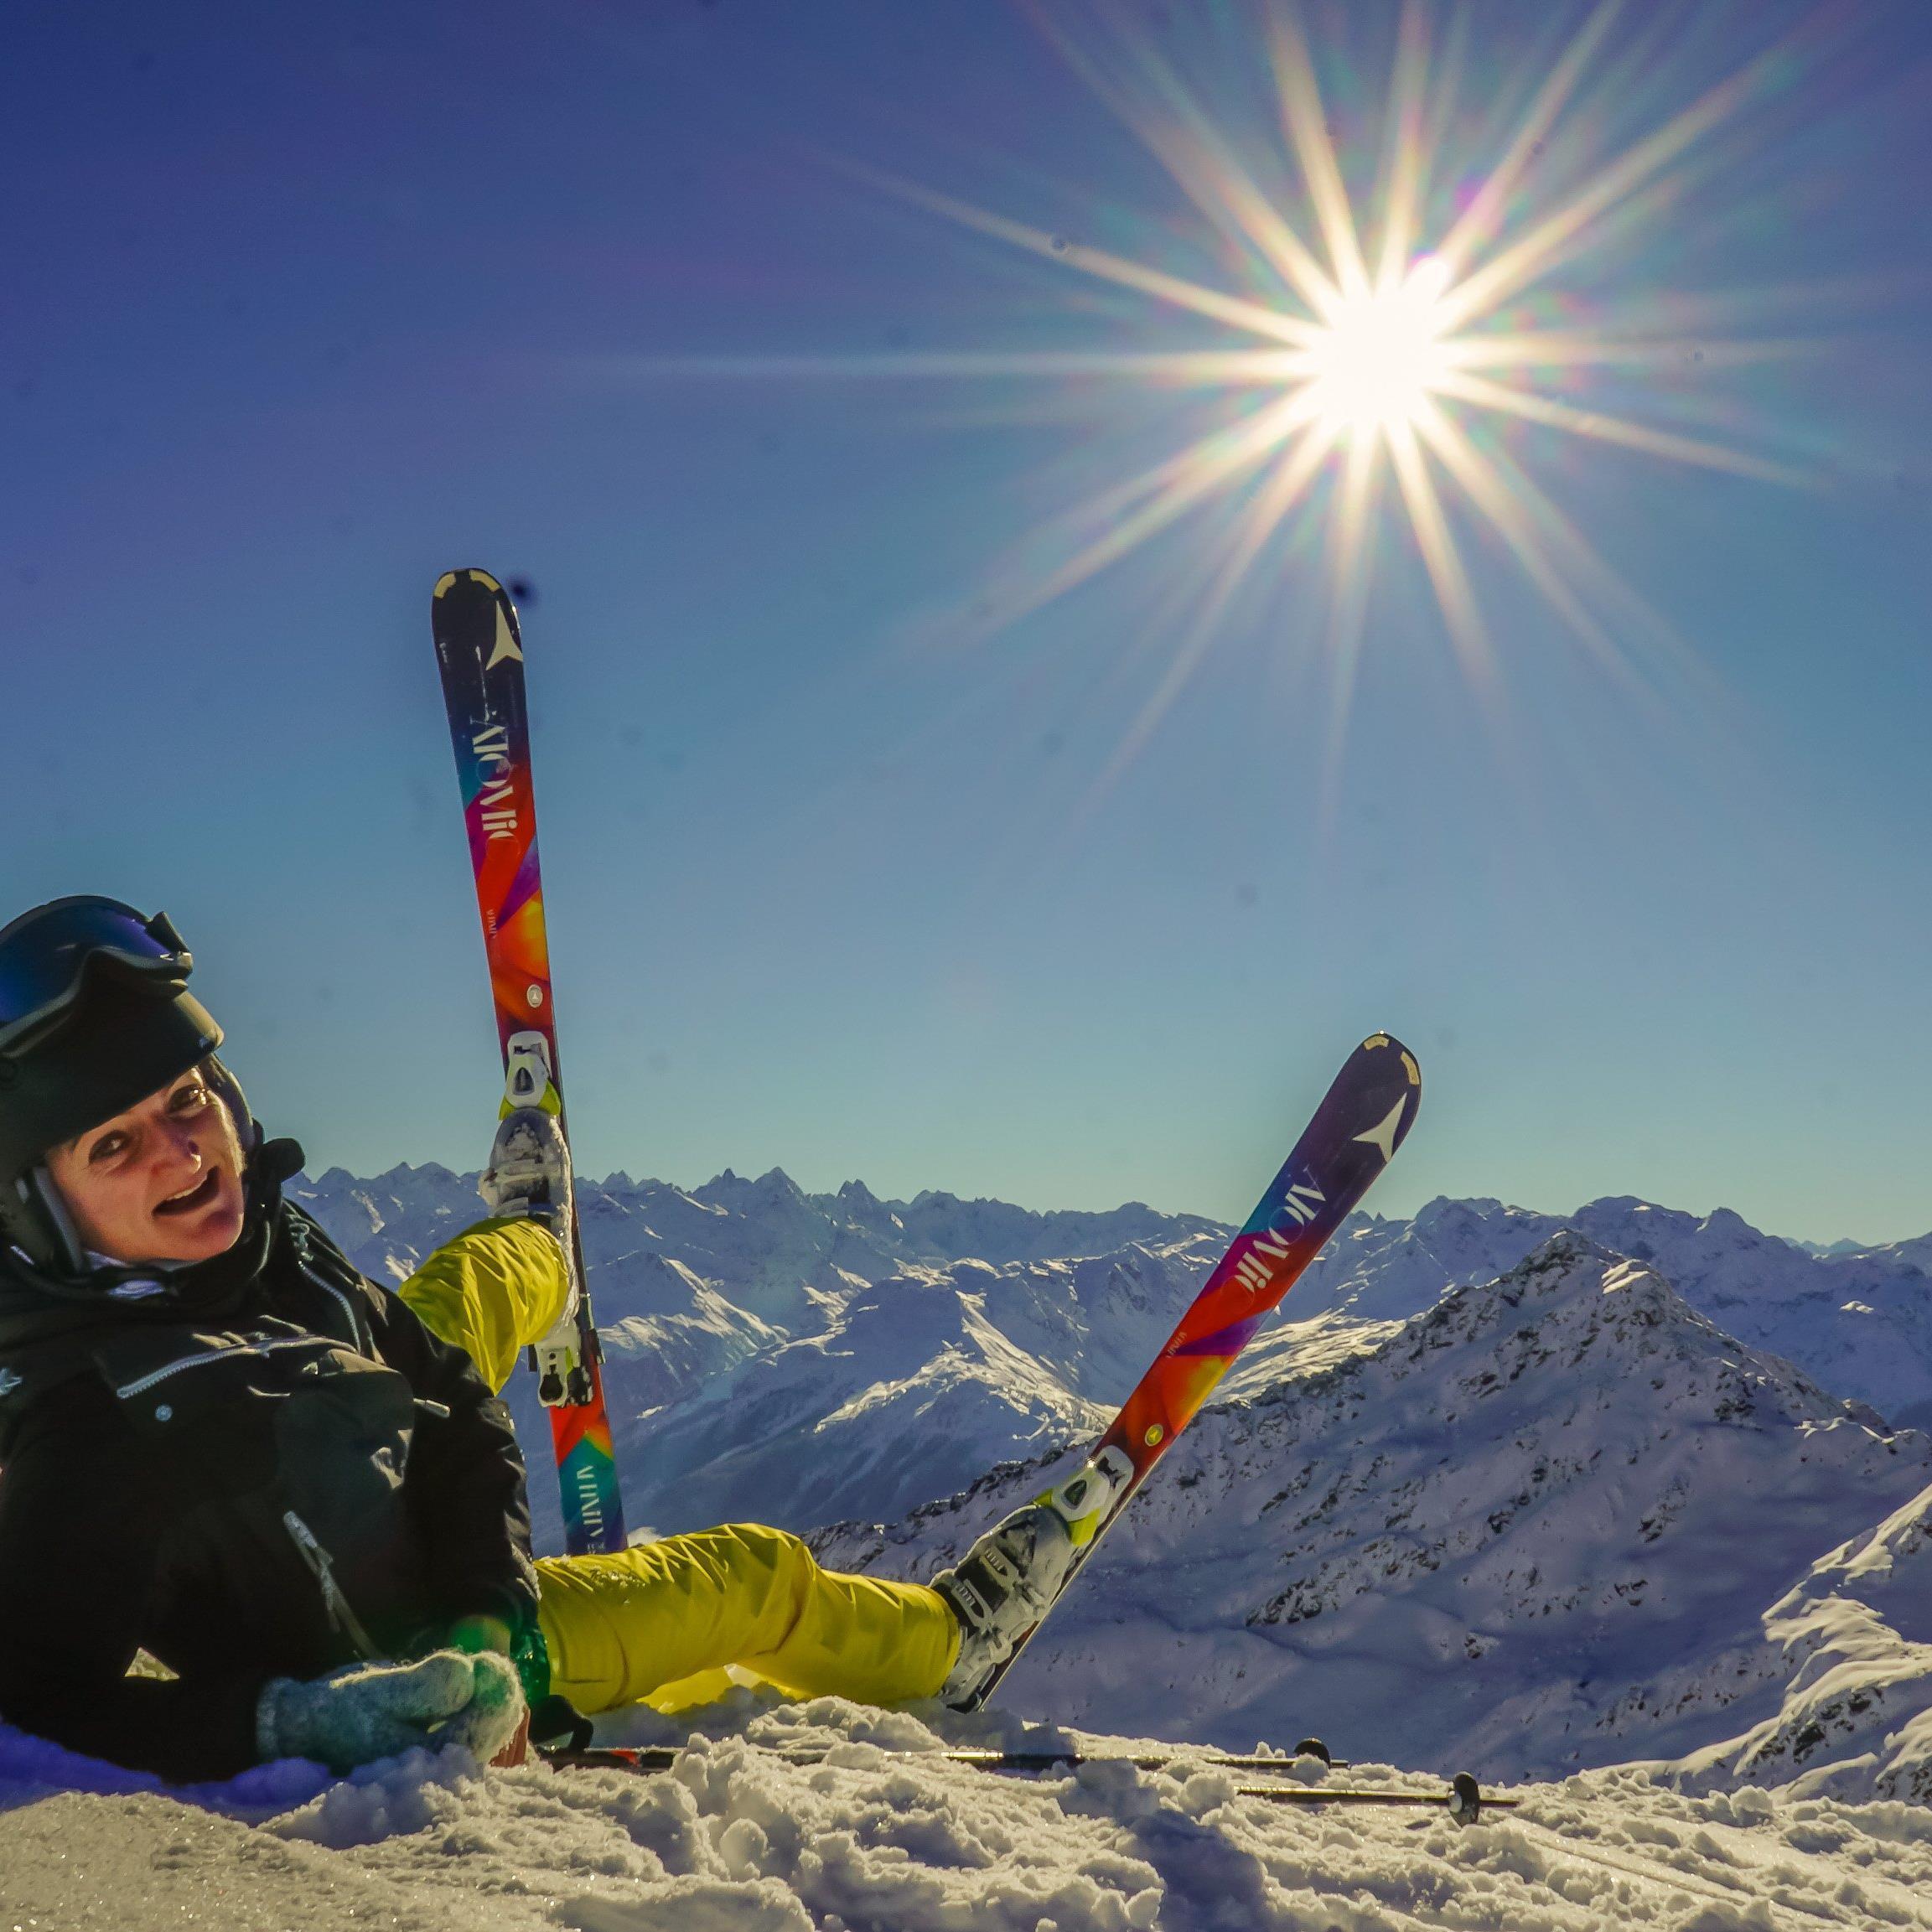 Das Skifahren erfreut sich immer noch großer Beliebtheit.